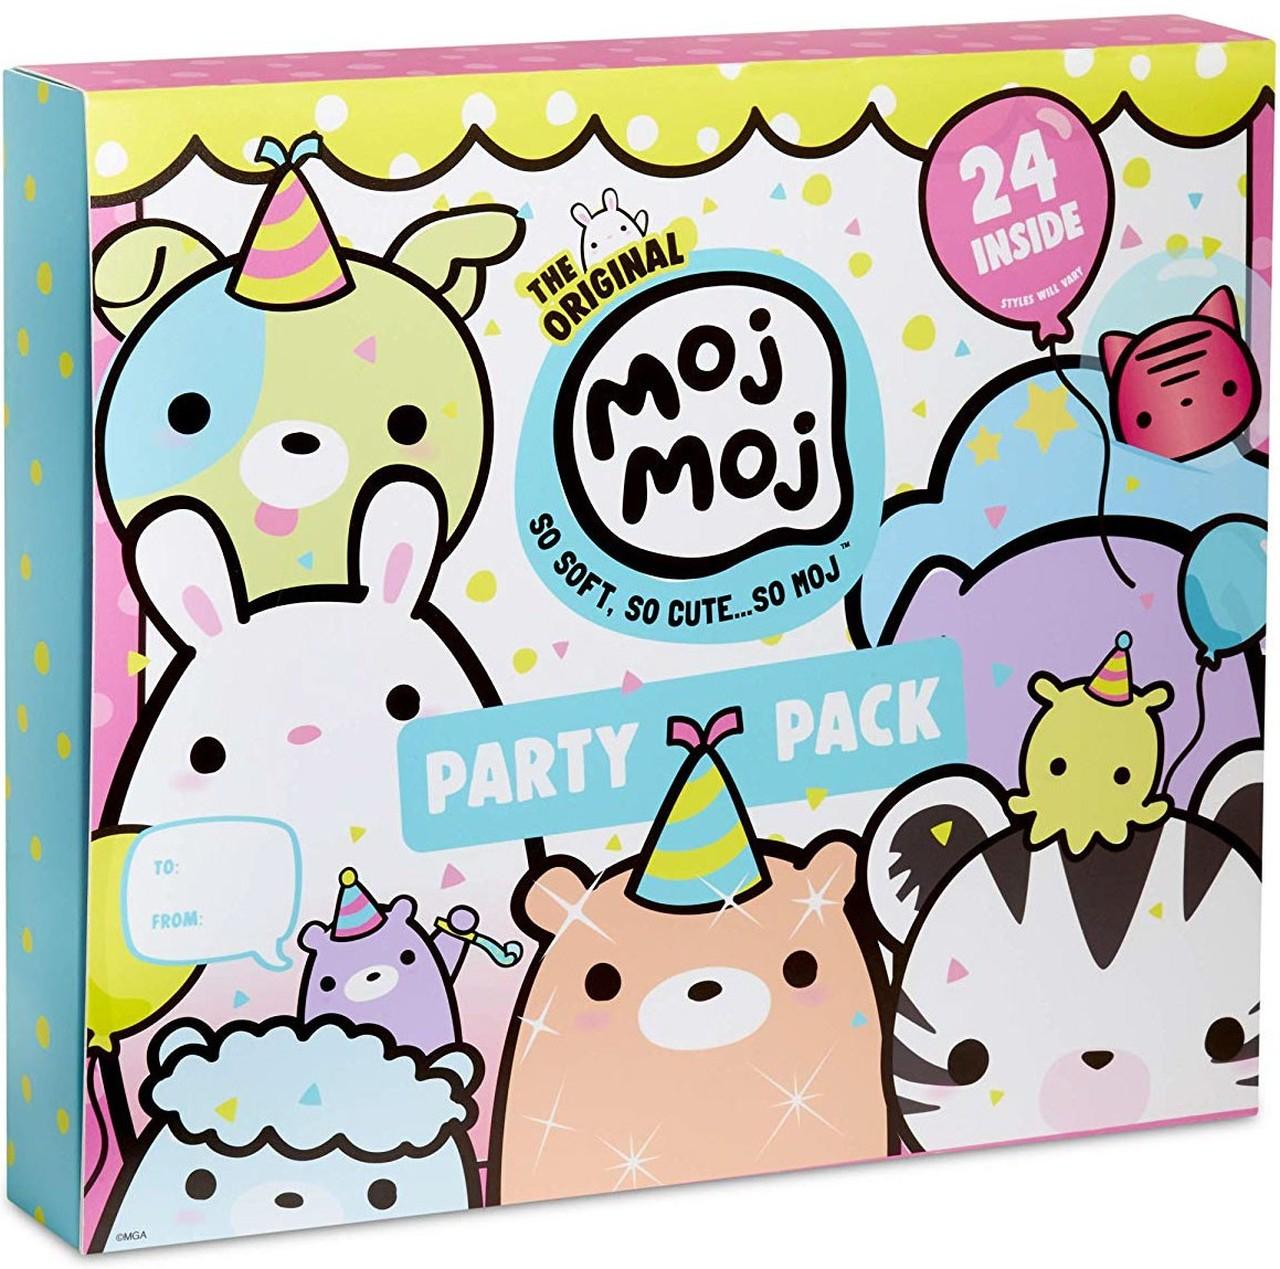 Moj Moj Party Pack reduced to £8.75 at Tesco Pool